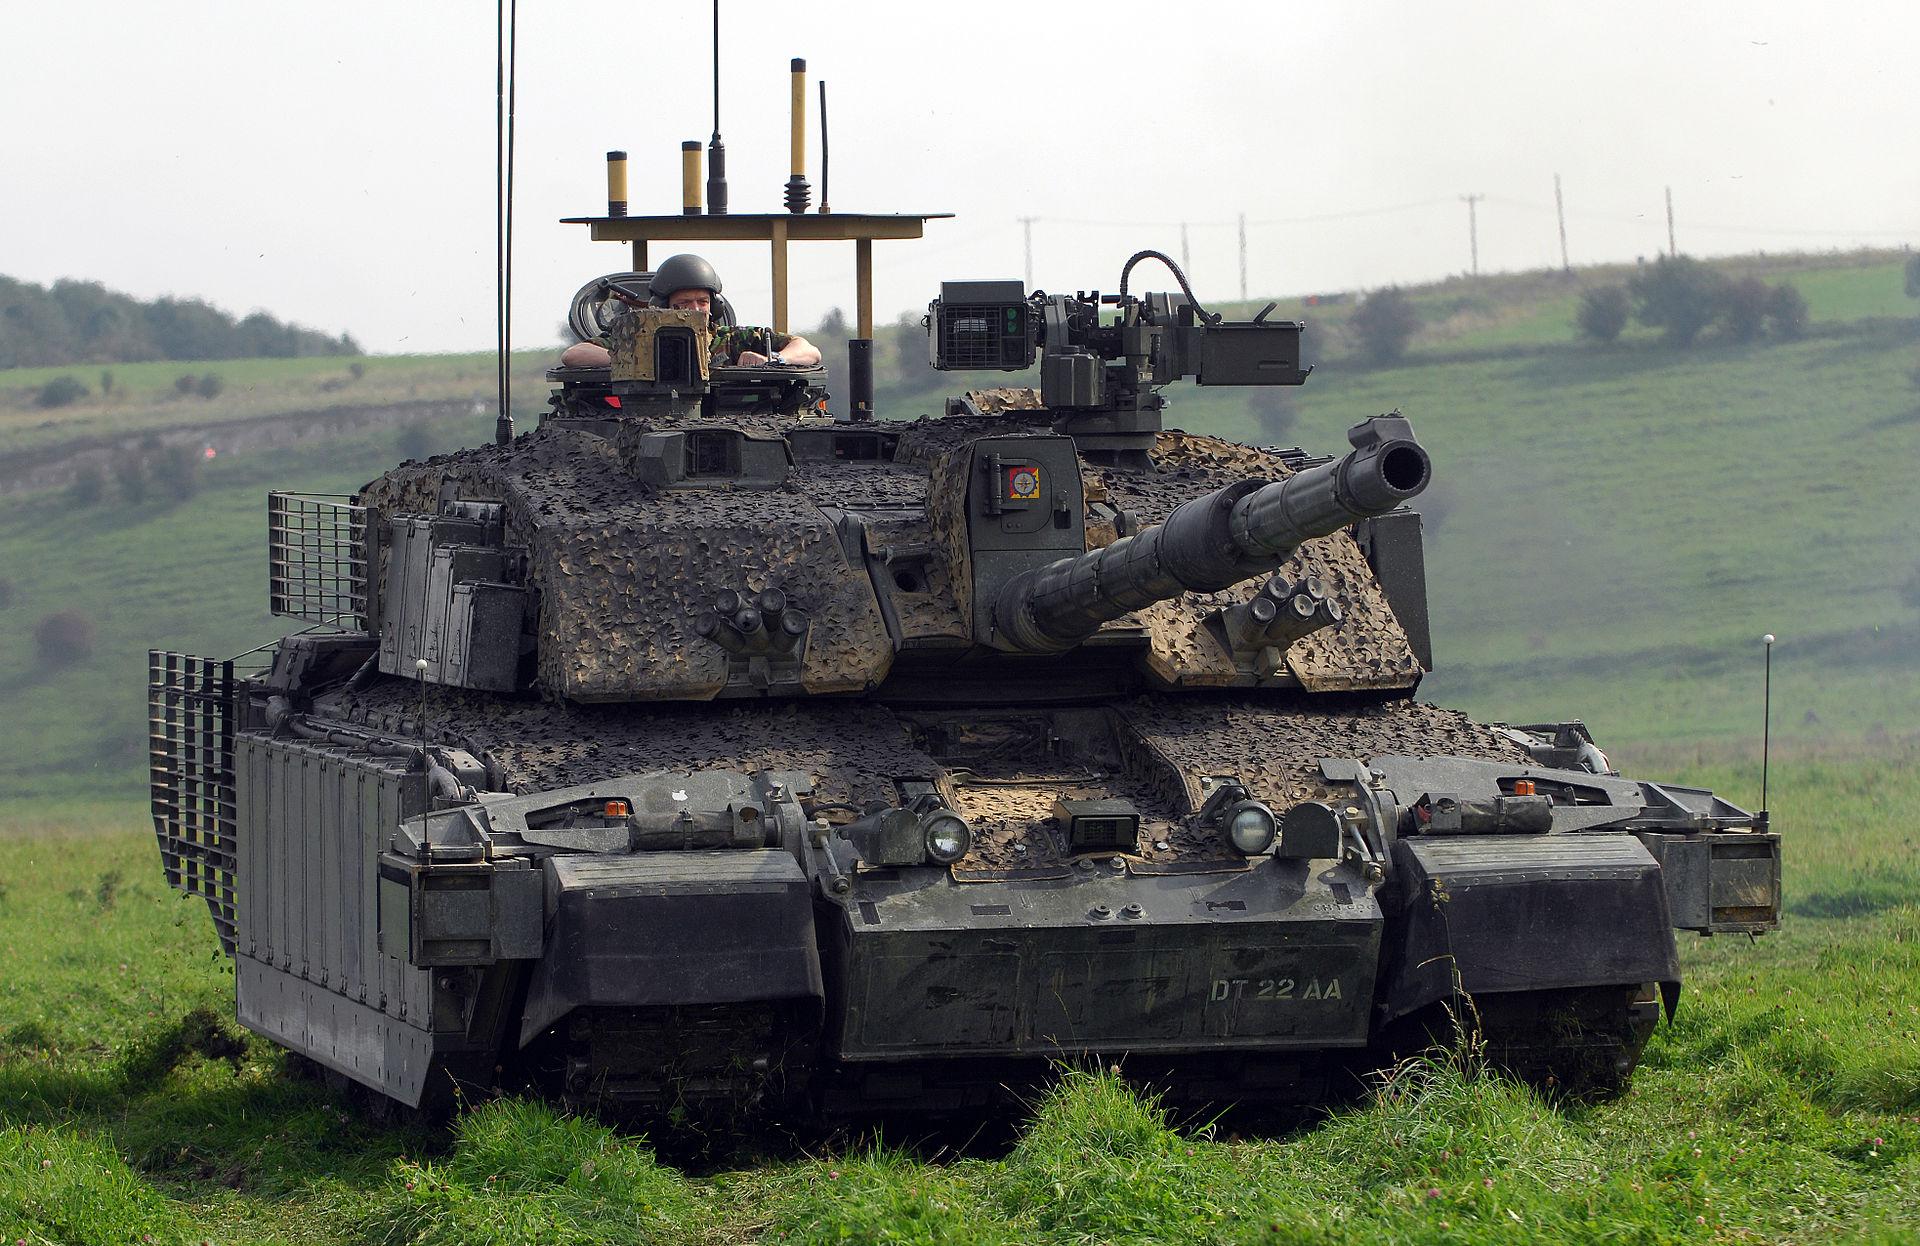 سؤال عن صورة سلاح - صفحة 4 1920px-Challenger_Main_Battle_Tank_with_Improved_Armour_MOD_45149015